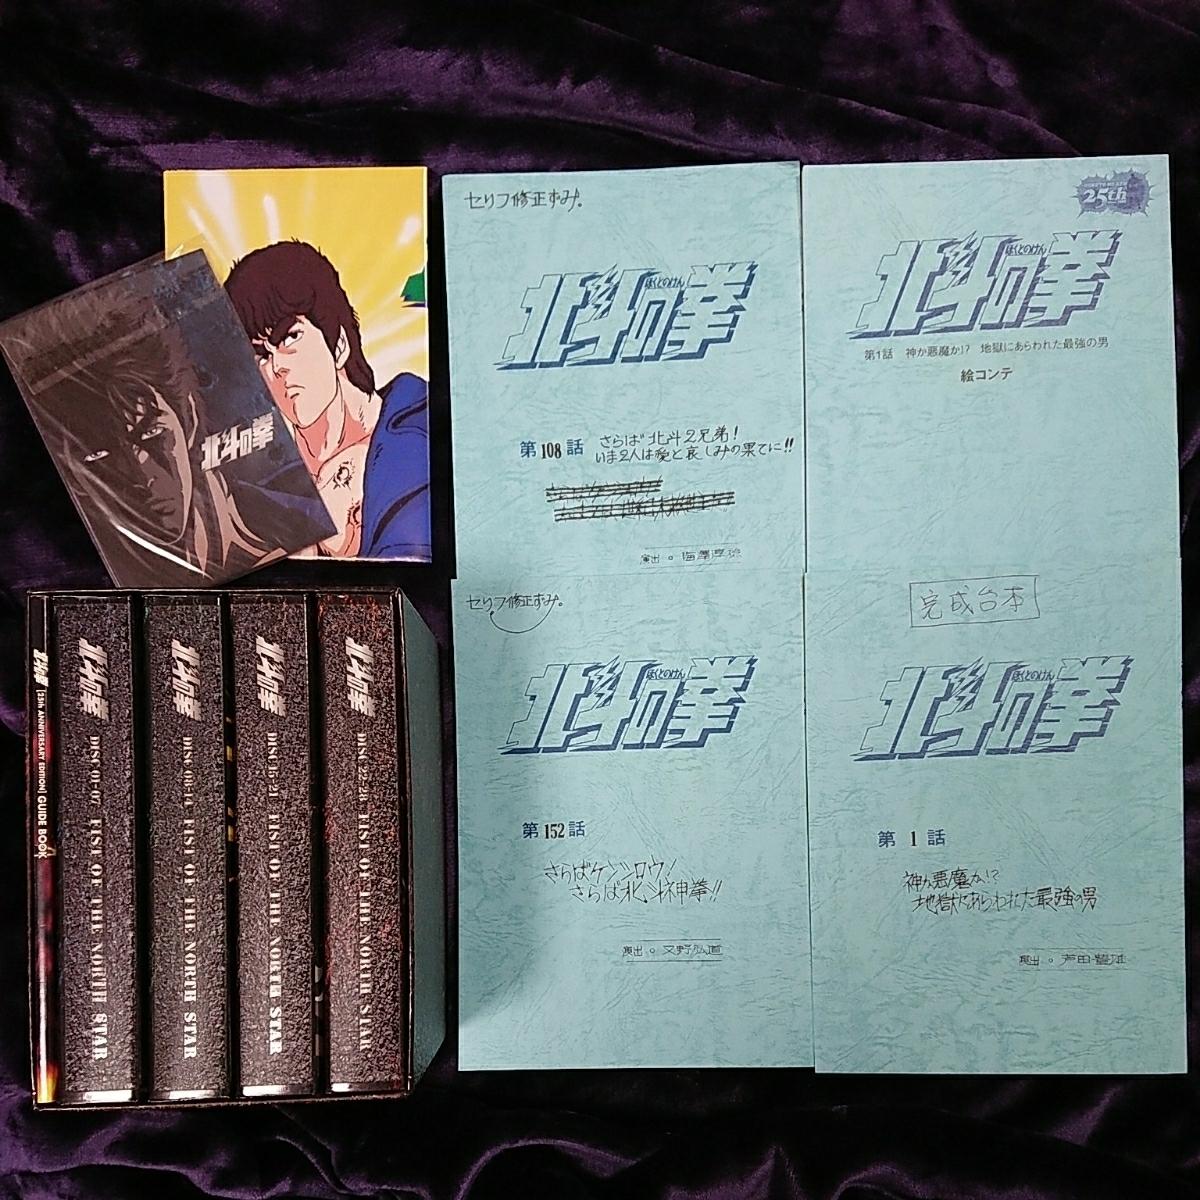 北斗の拳 25周年記念 DVD-BOX TVシリーズ HDリマスターエディション